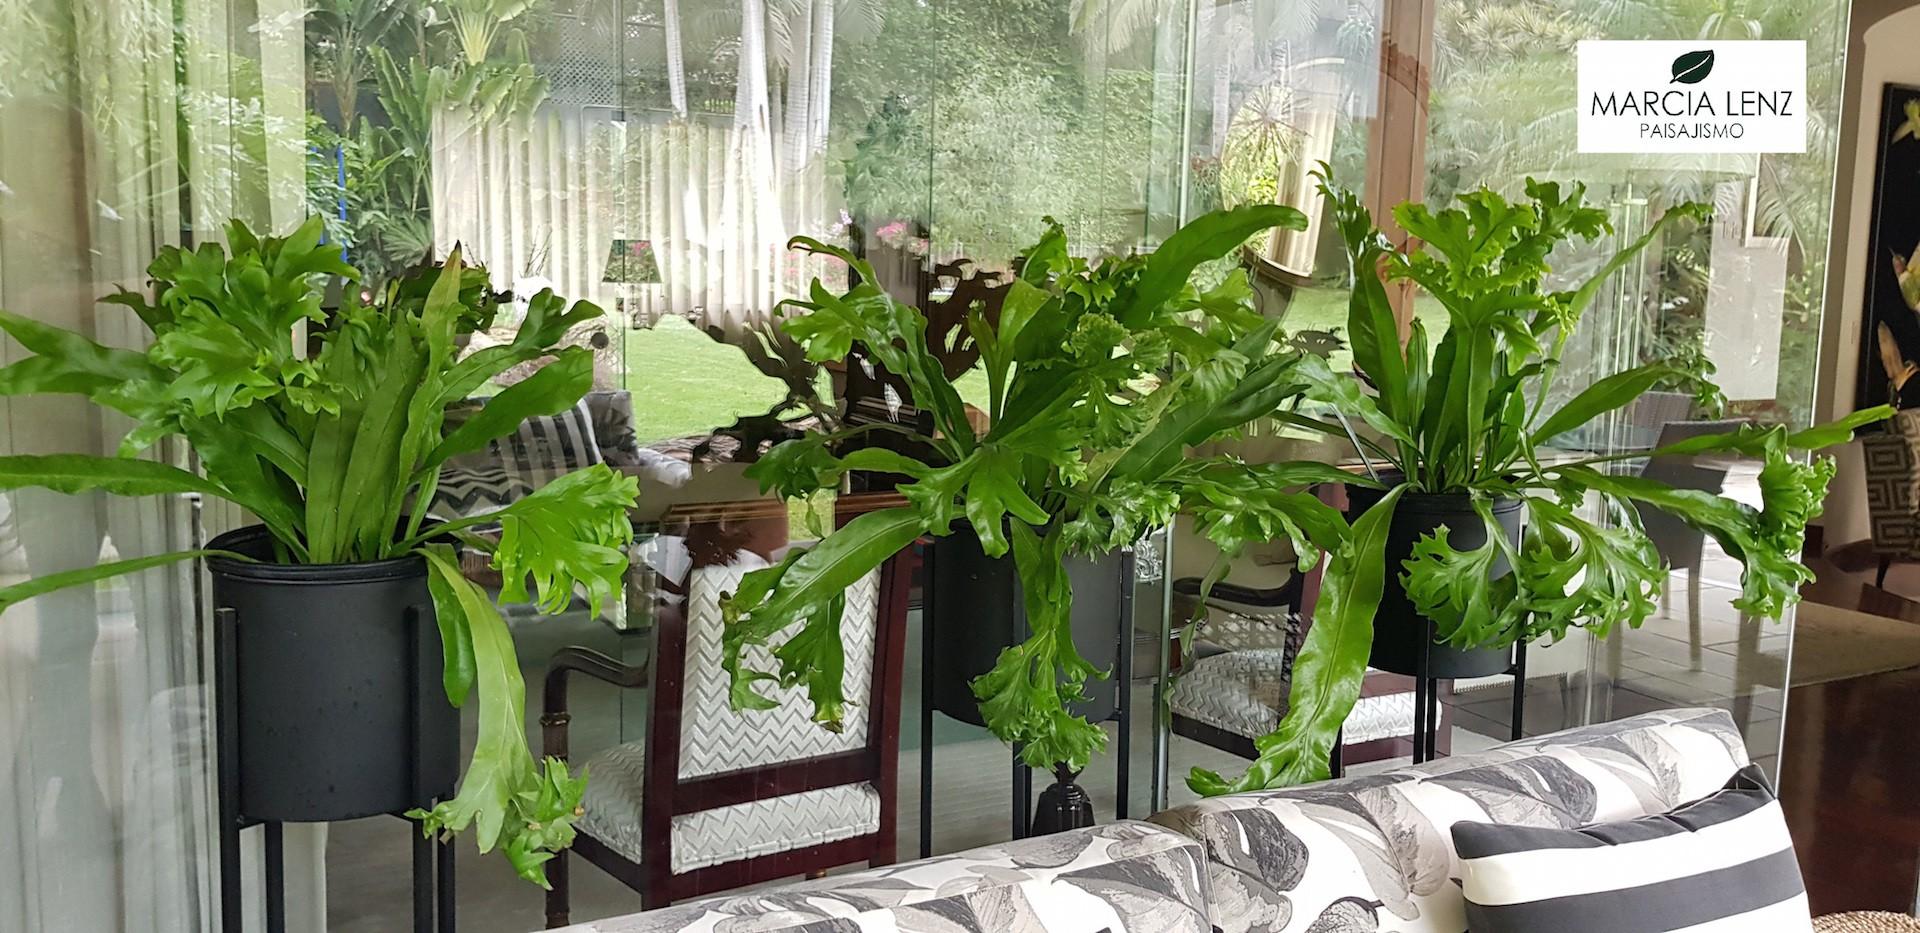 La invasión del verde dentro de la casa.